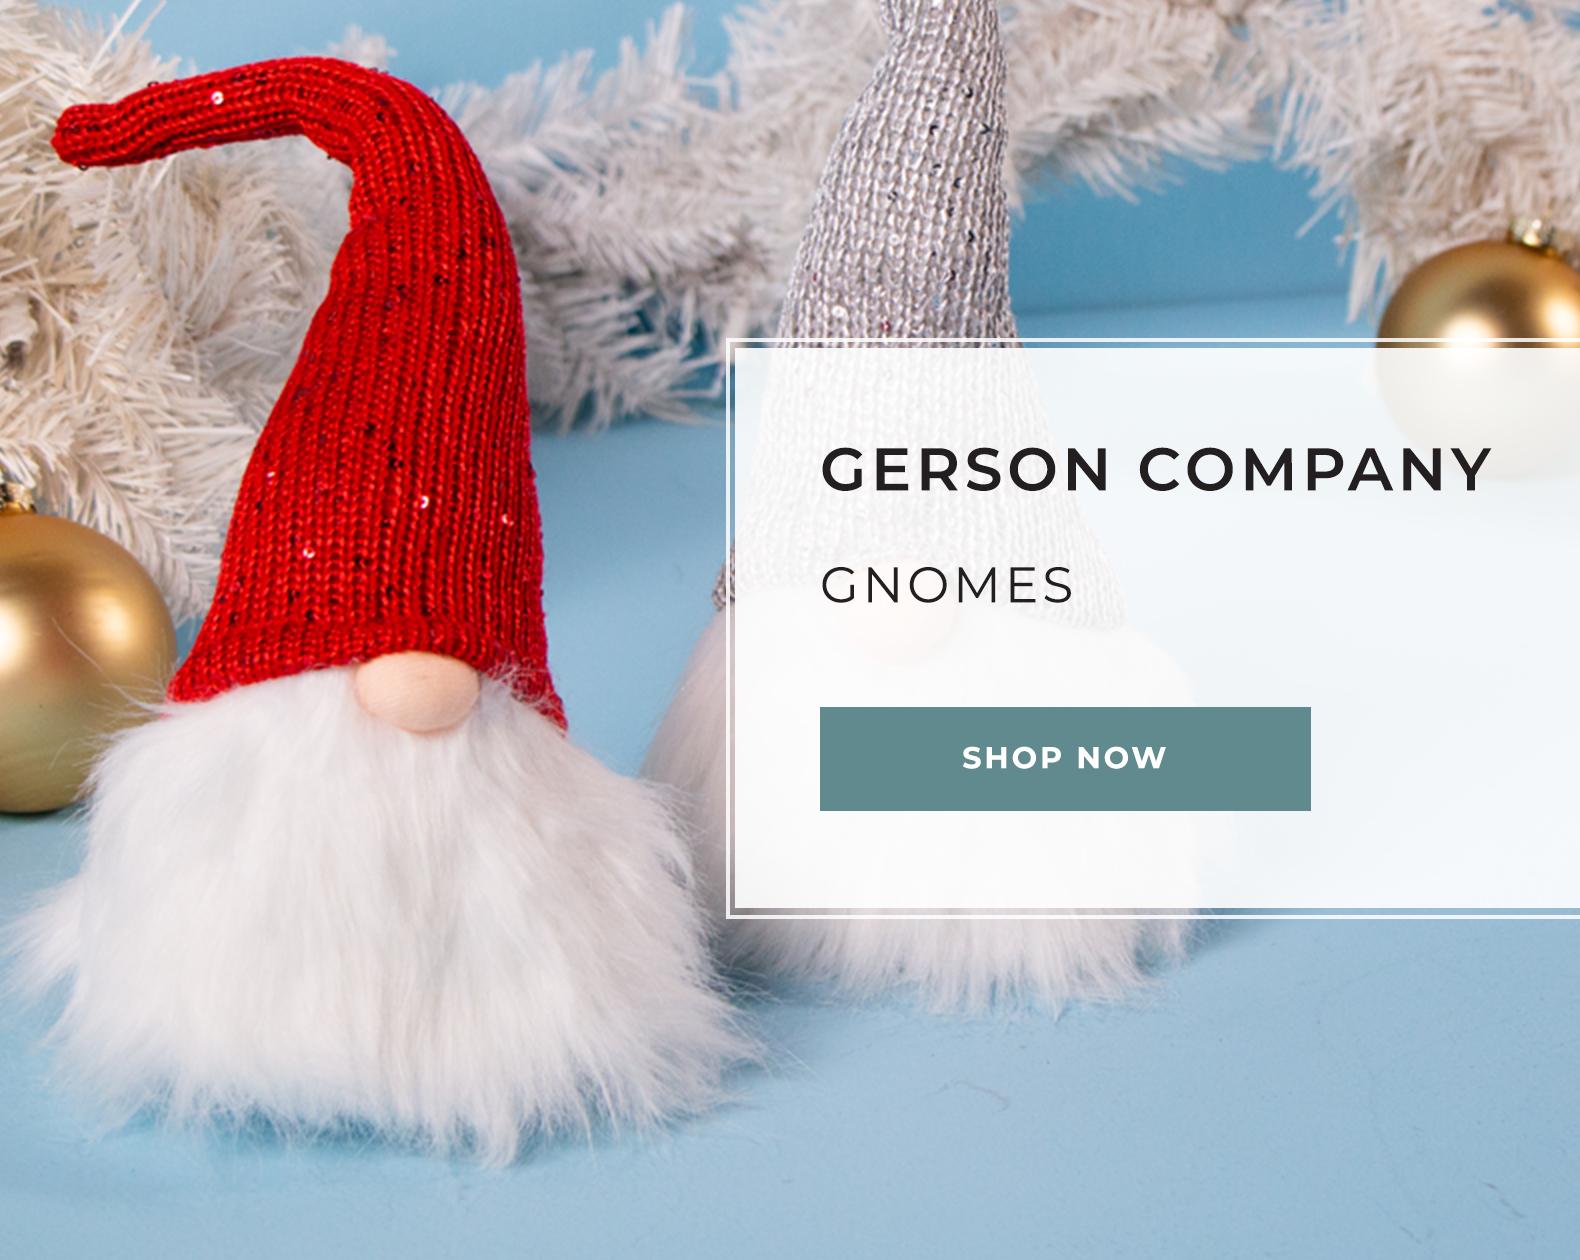 Gerson Company - Gnomes